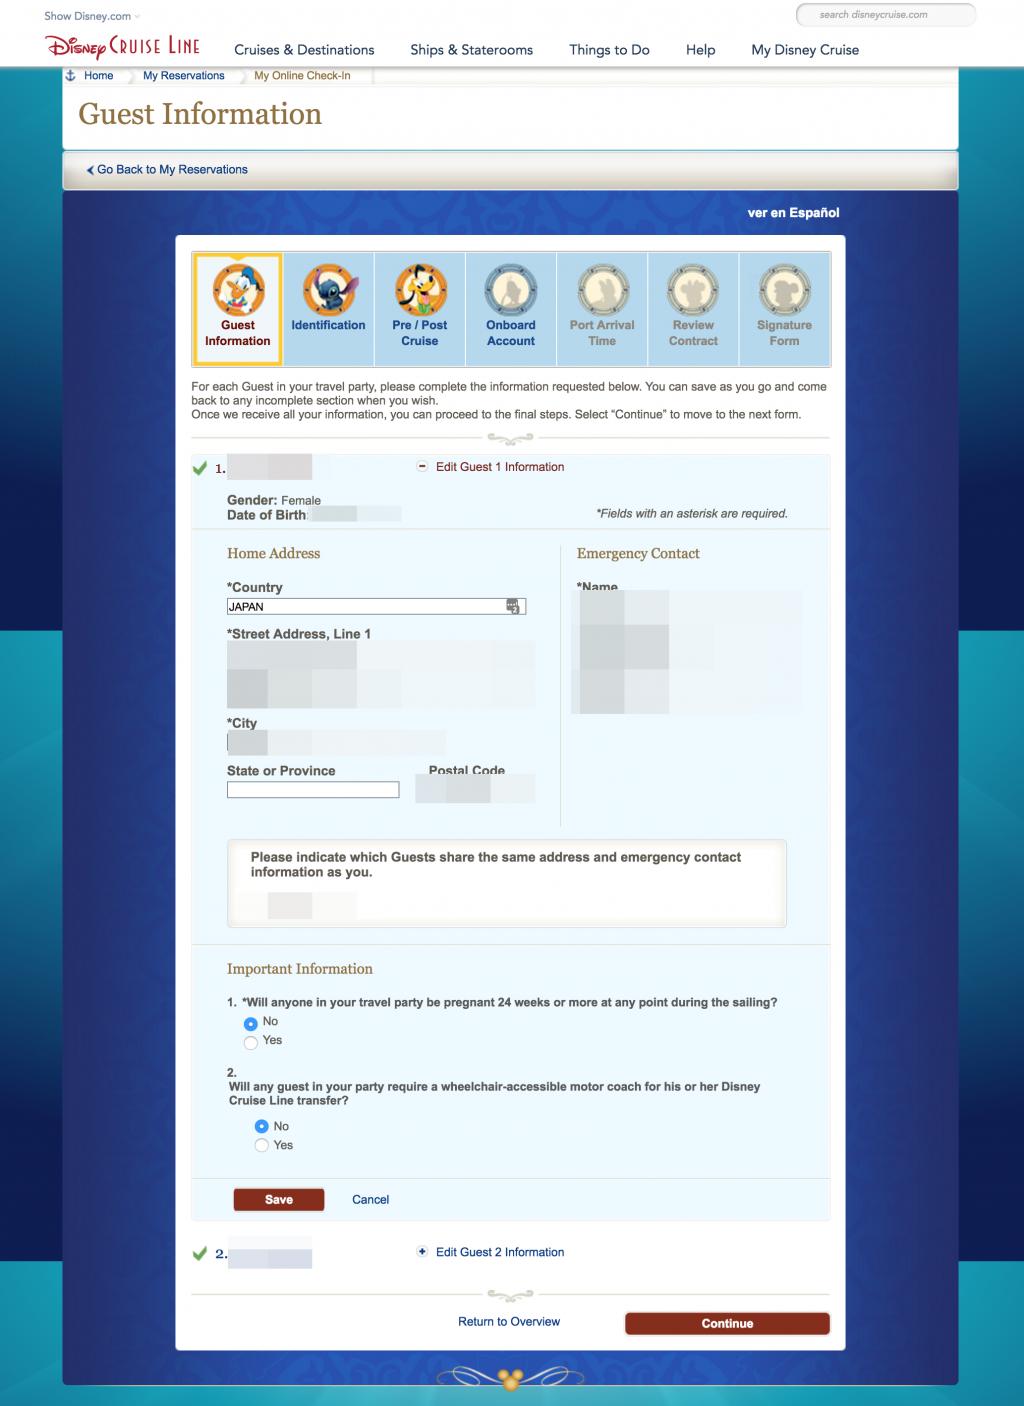 ディズニークルーズライン(DCL)オンラインチェックイン方法